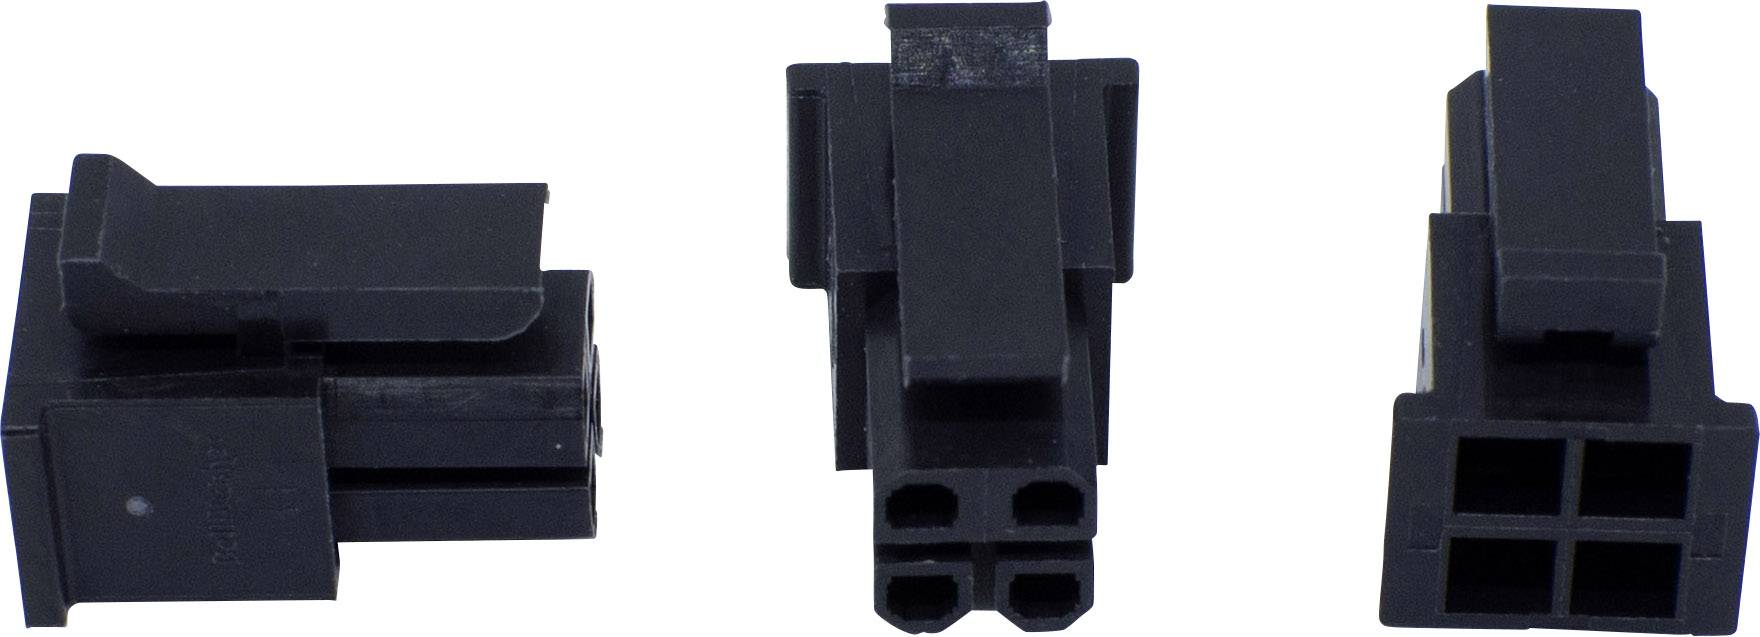 Zásuvkový konektor na kabel BellWether 70093-0800, pólů 8, rozteč 3 mm, 1 ks